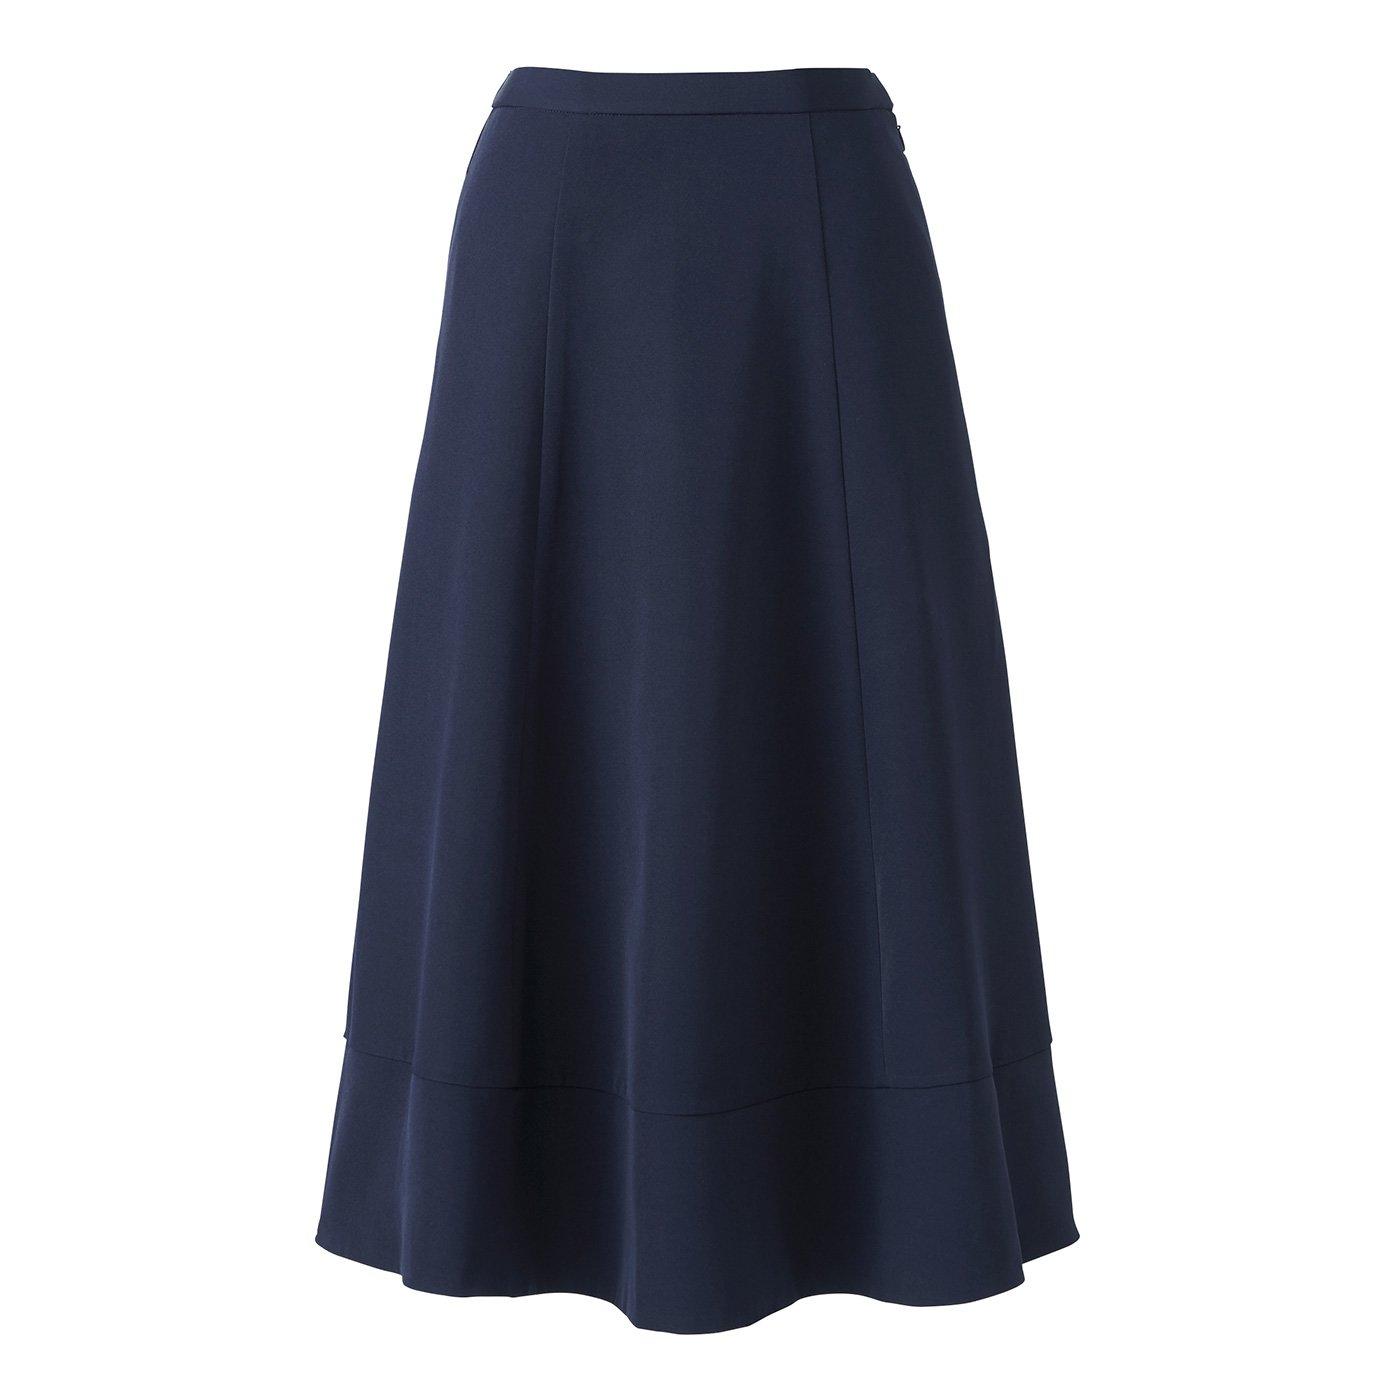 IEDIT[イディット] たっぷりフレアーがドラマティックなミドル丈スカート〈ネイビー〉